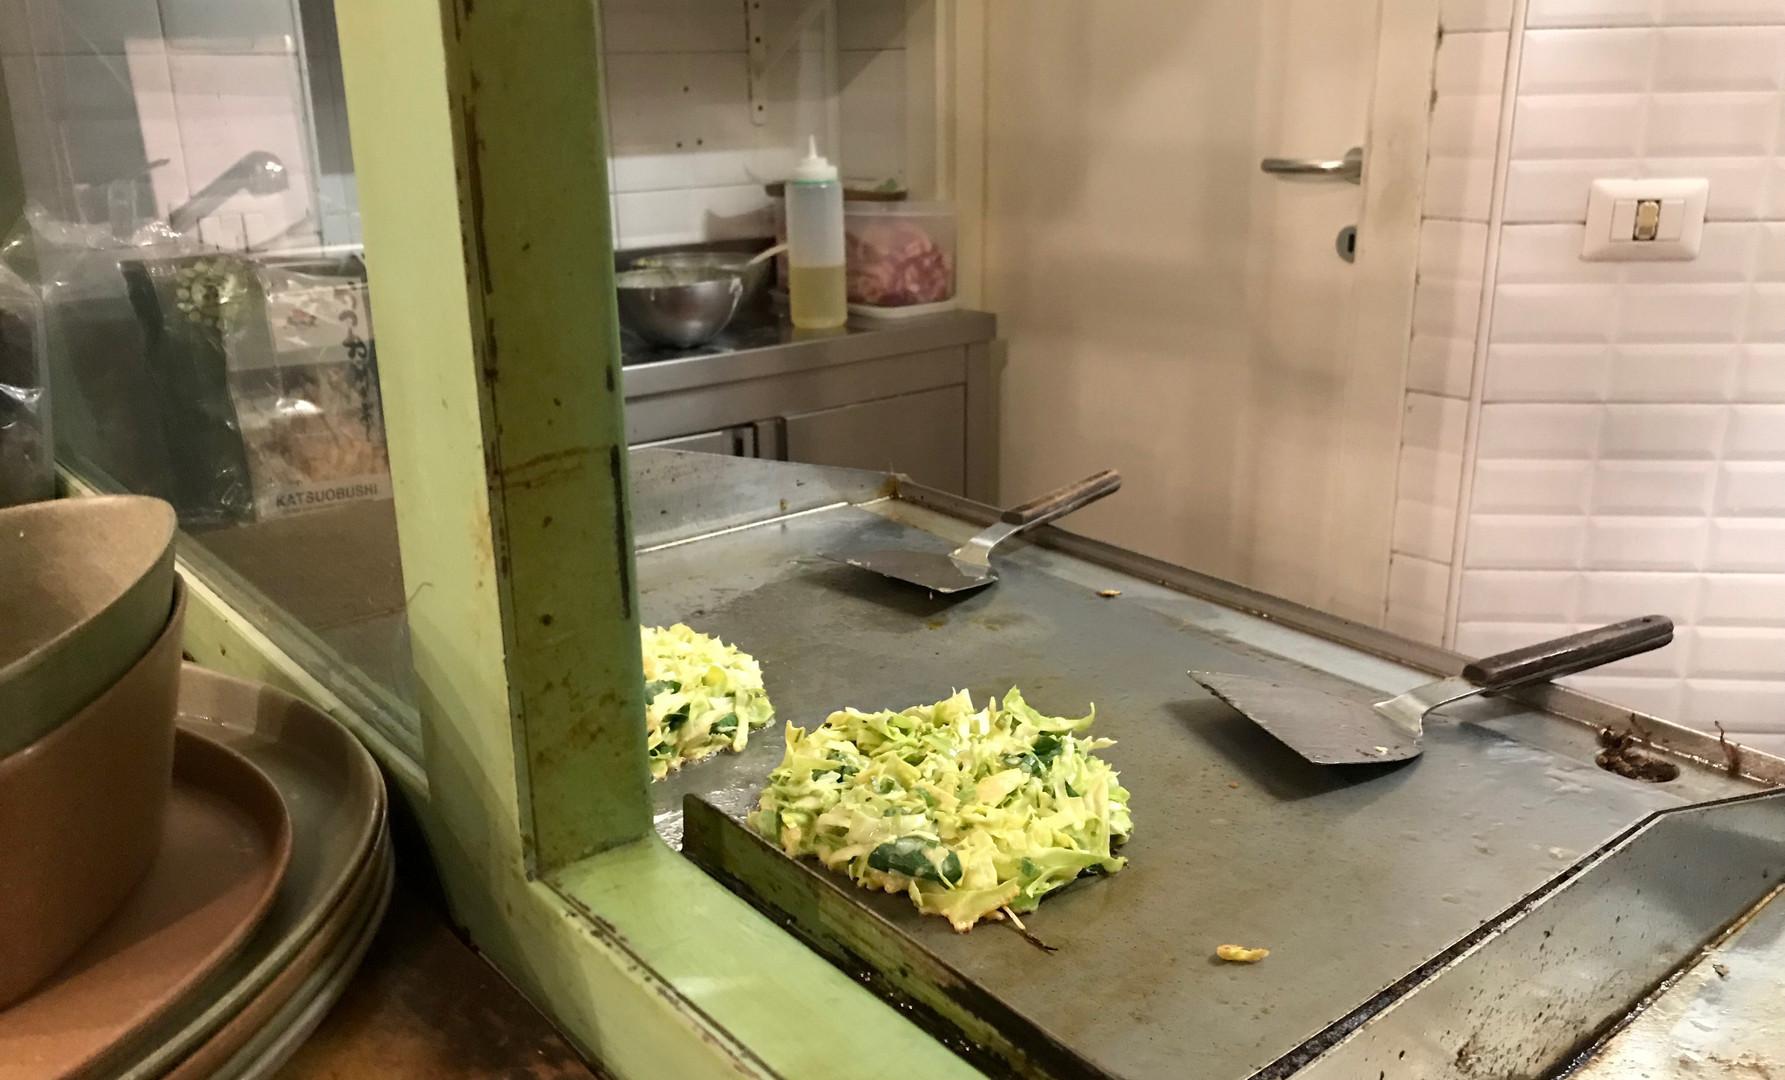 Okonomiyaki _ work in progress